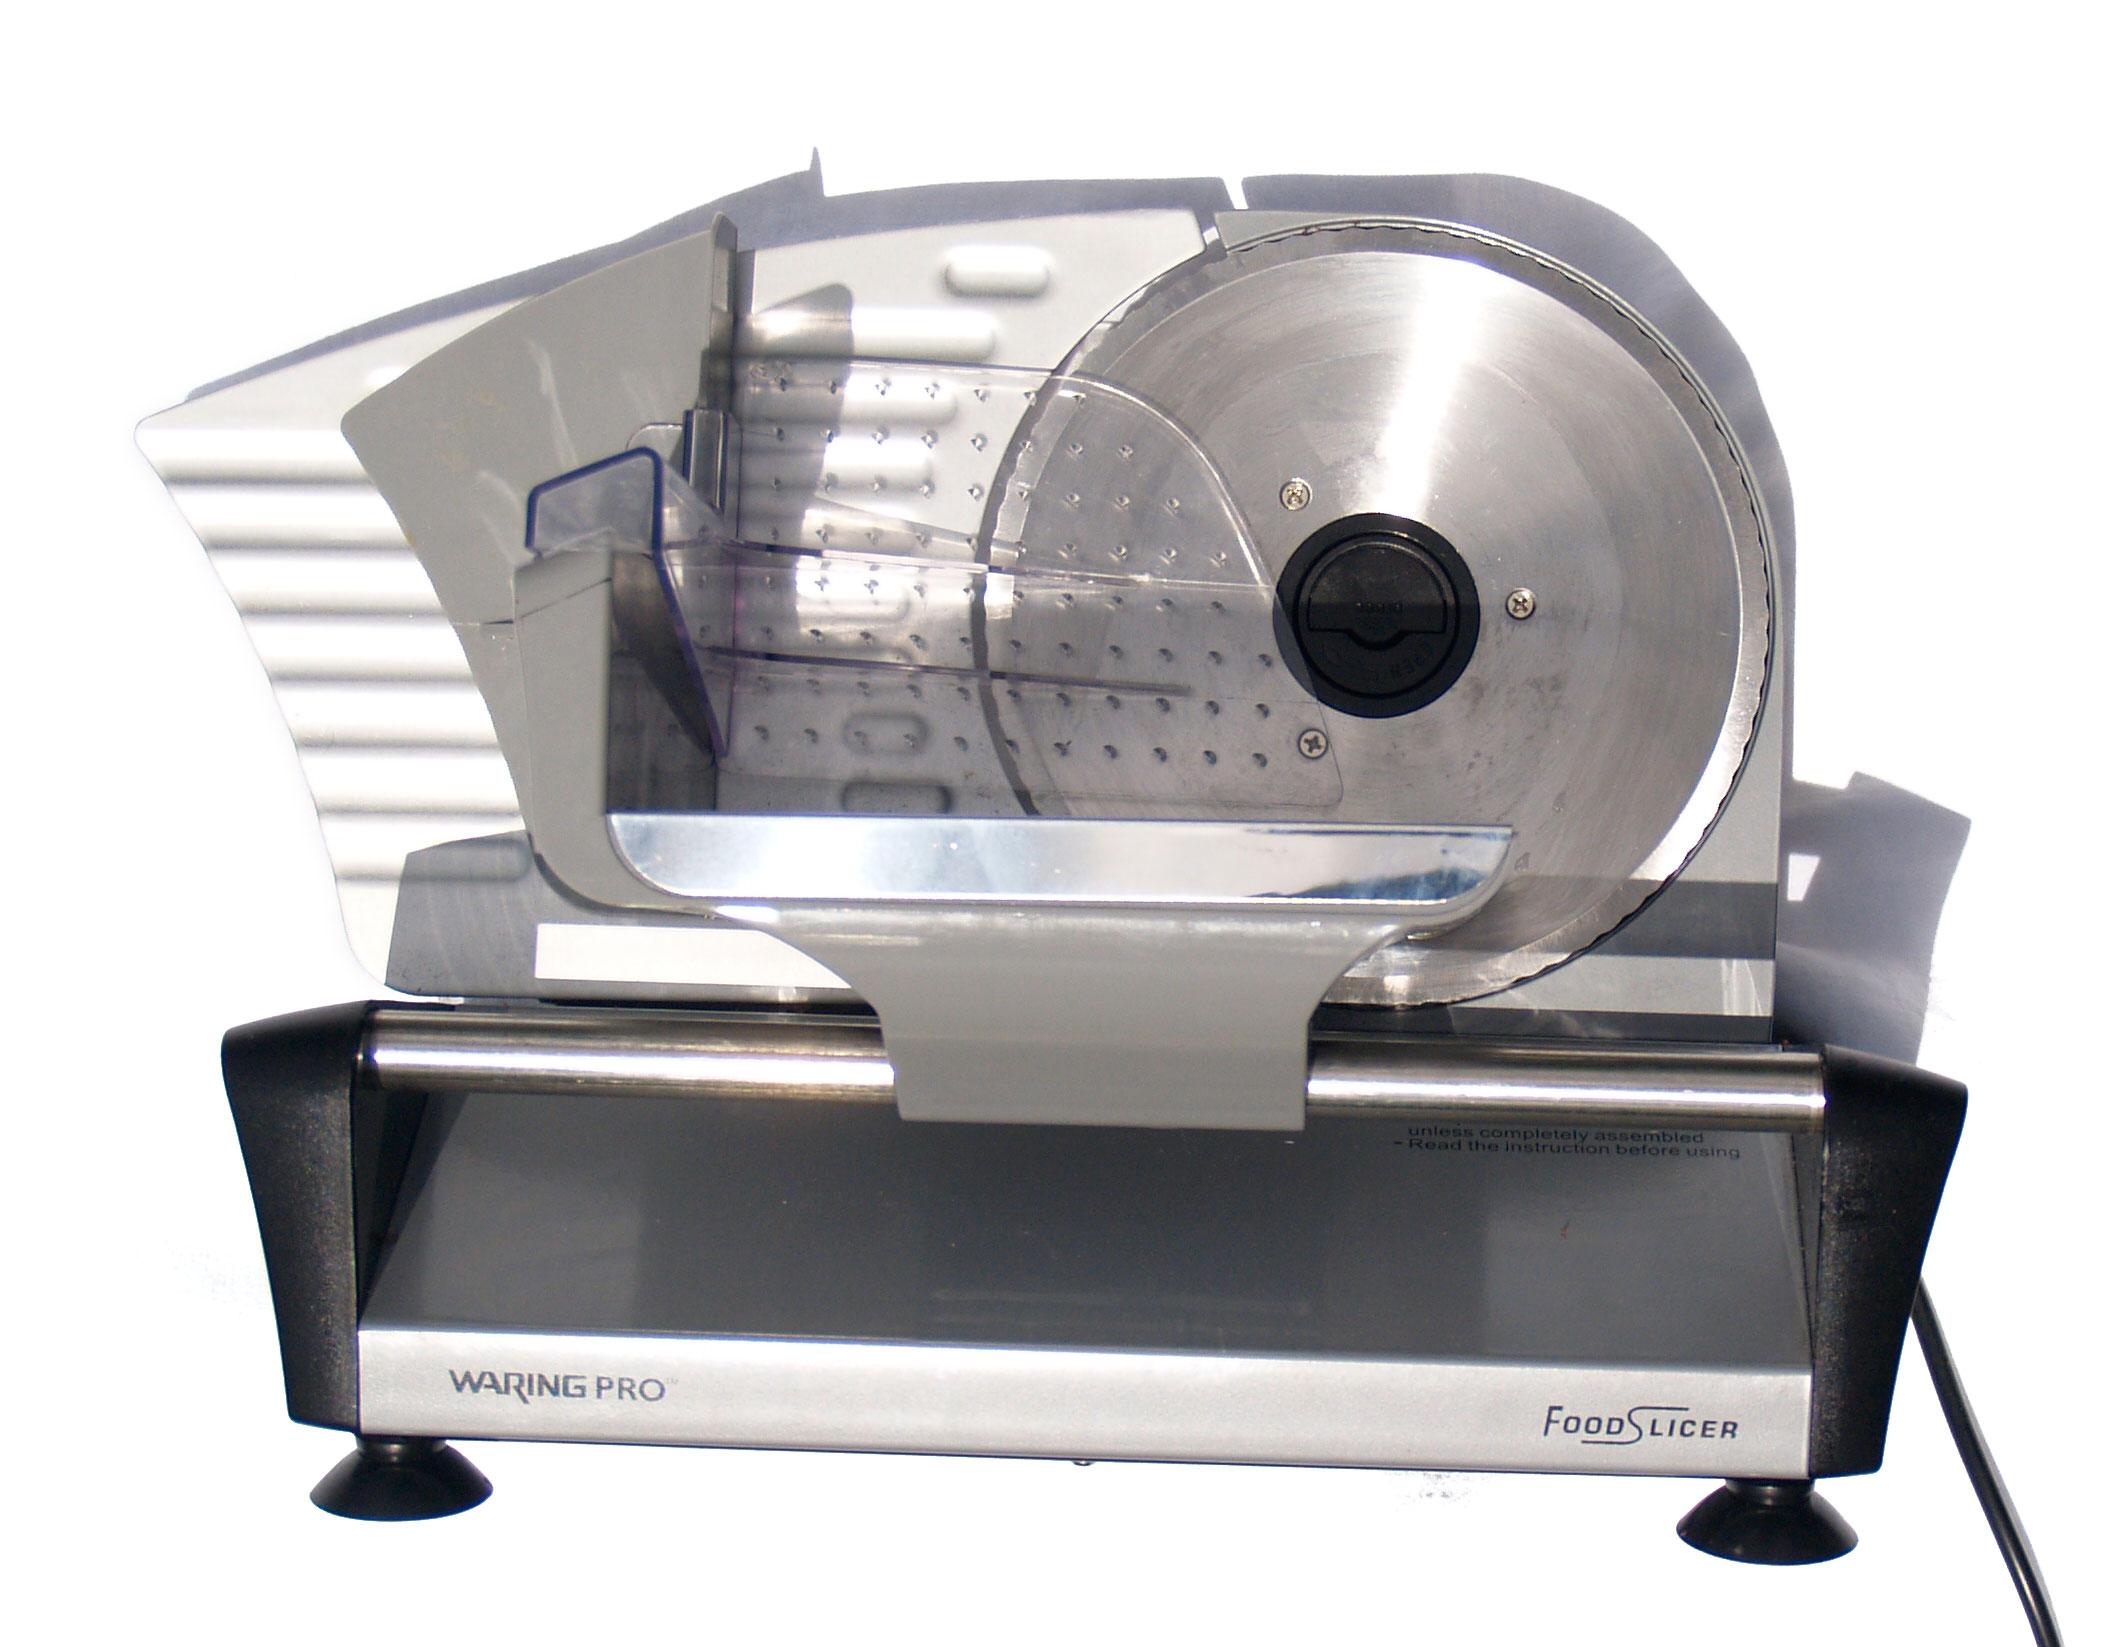 Consumer grade meat slicer